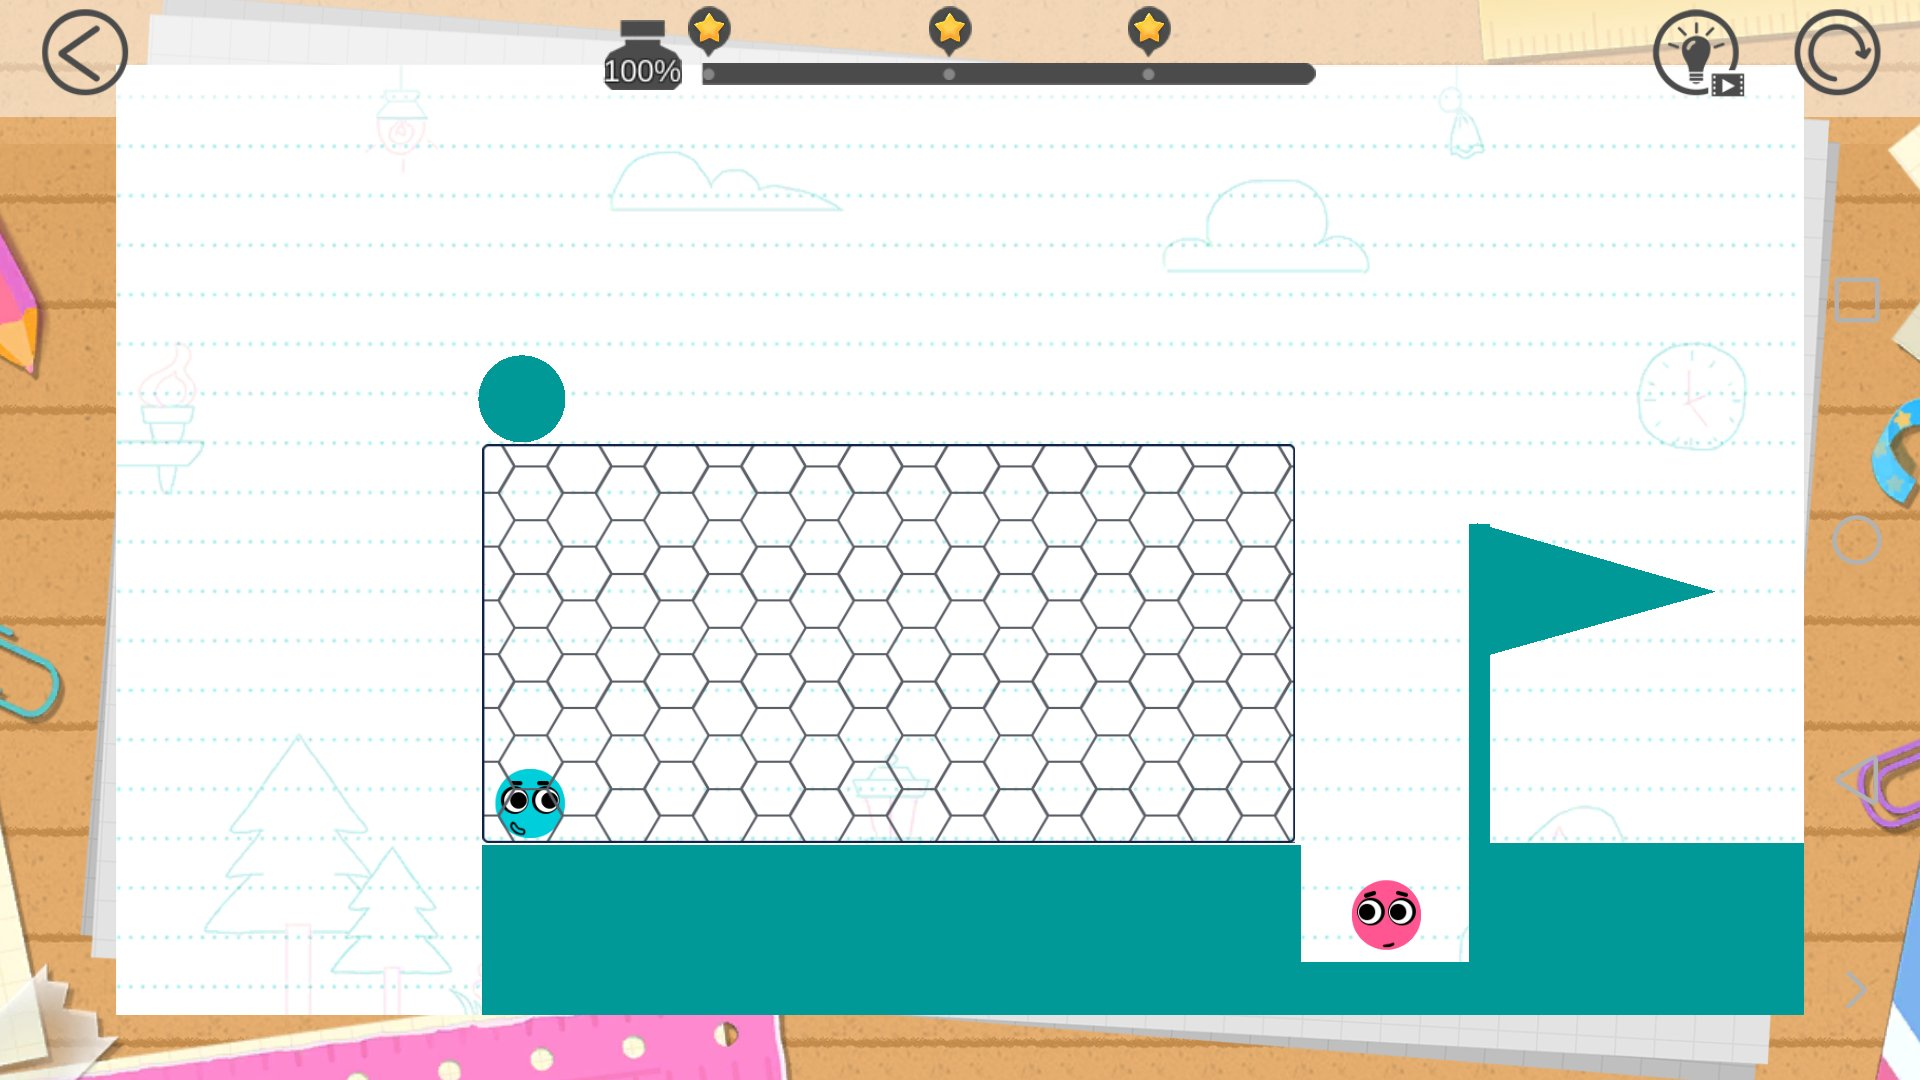 恋爱主题+物理玩法:玩个休闲游戏也要喂狗粮